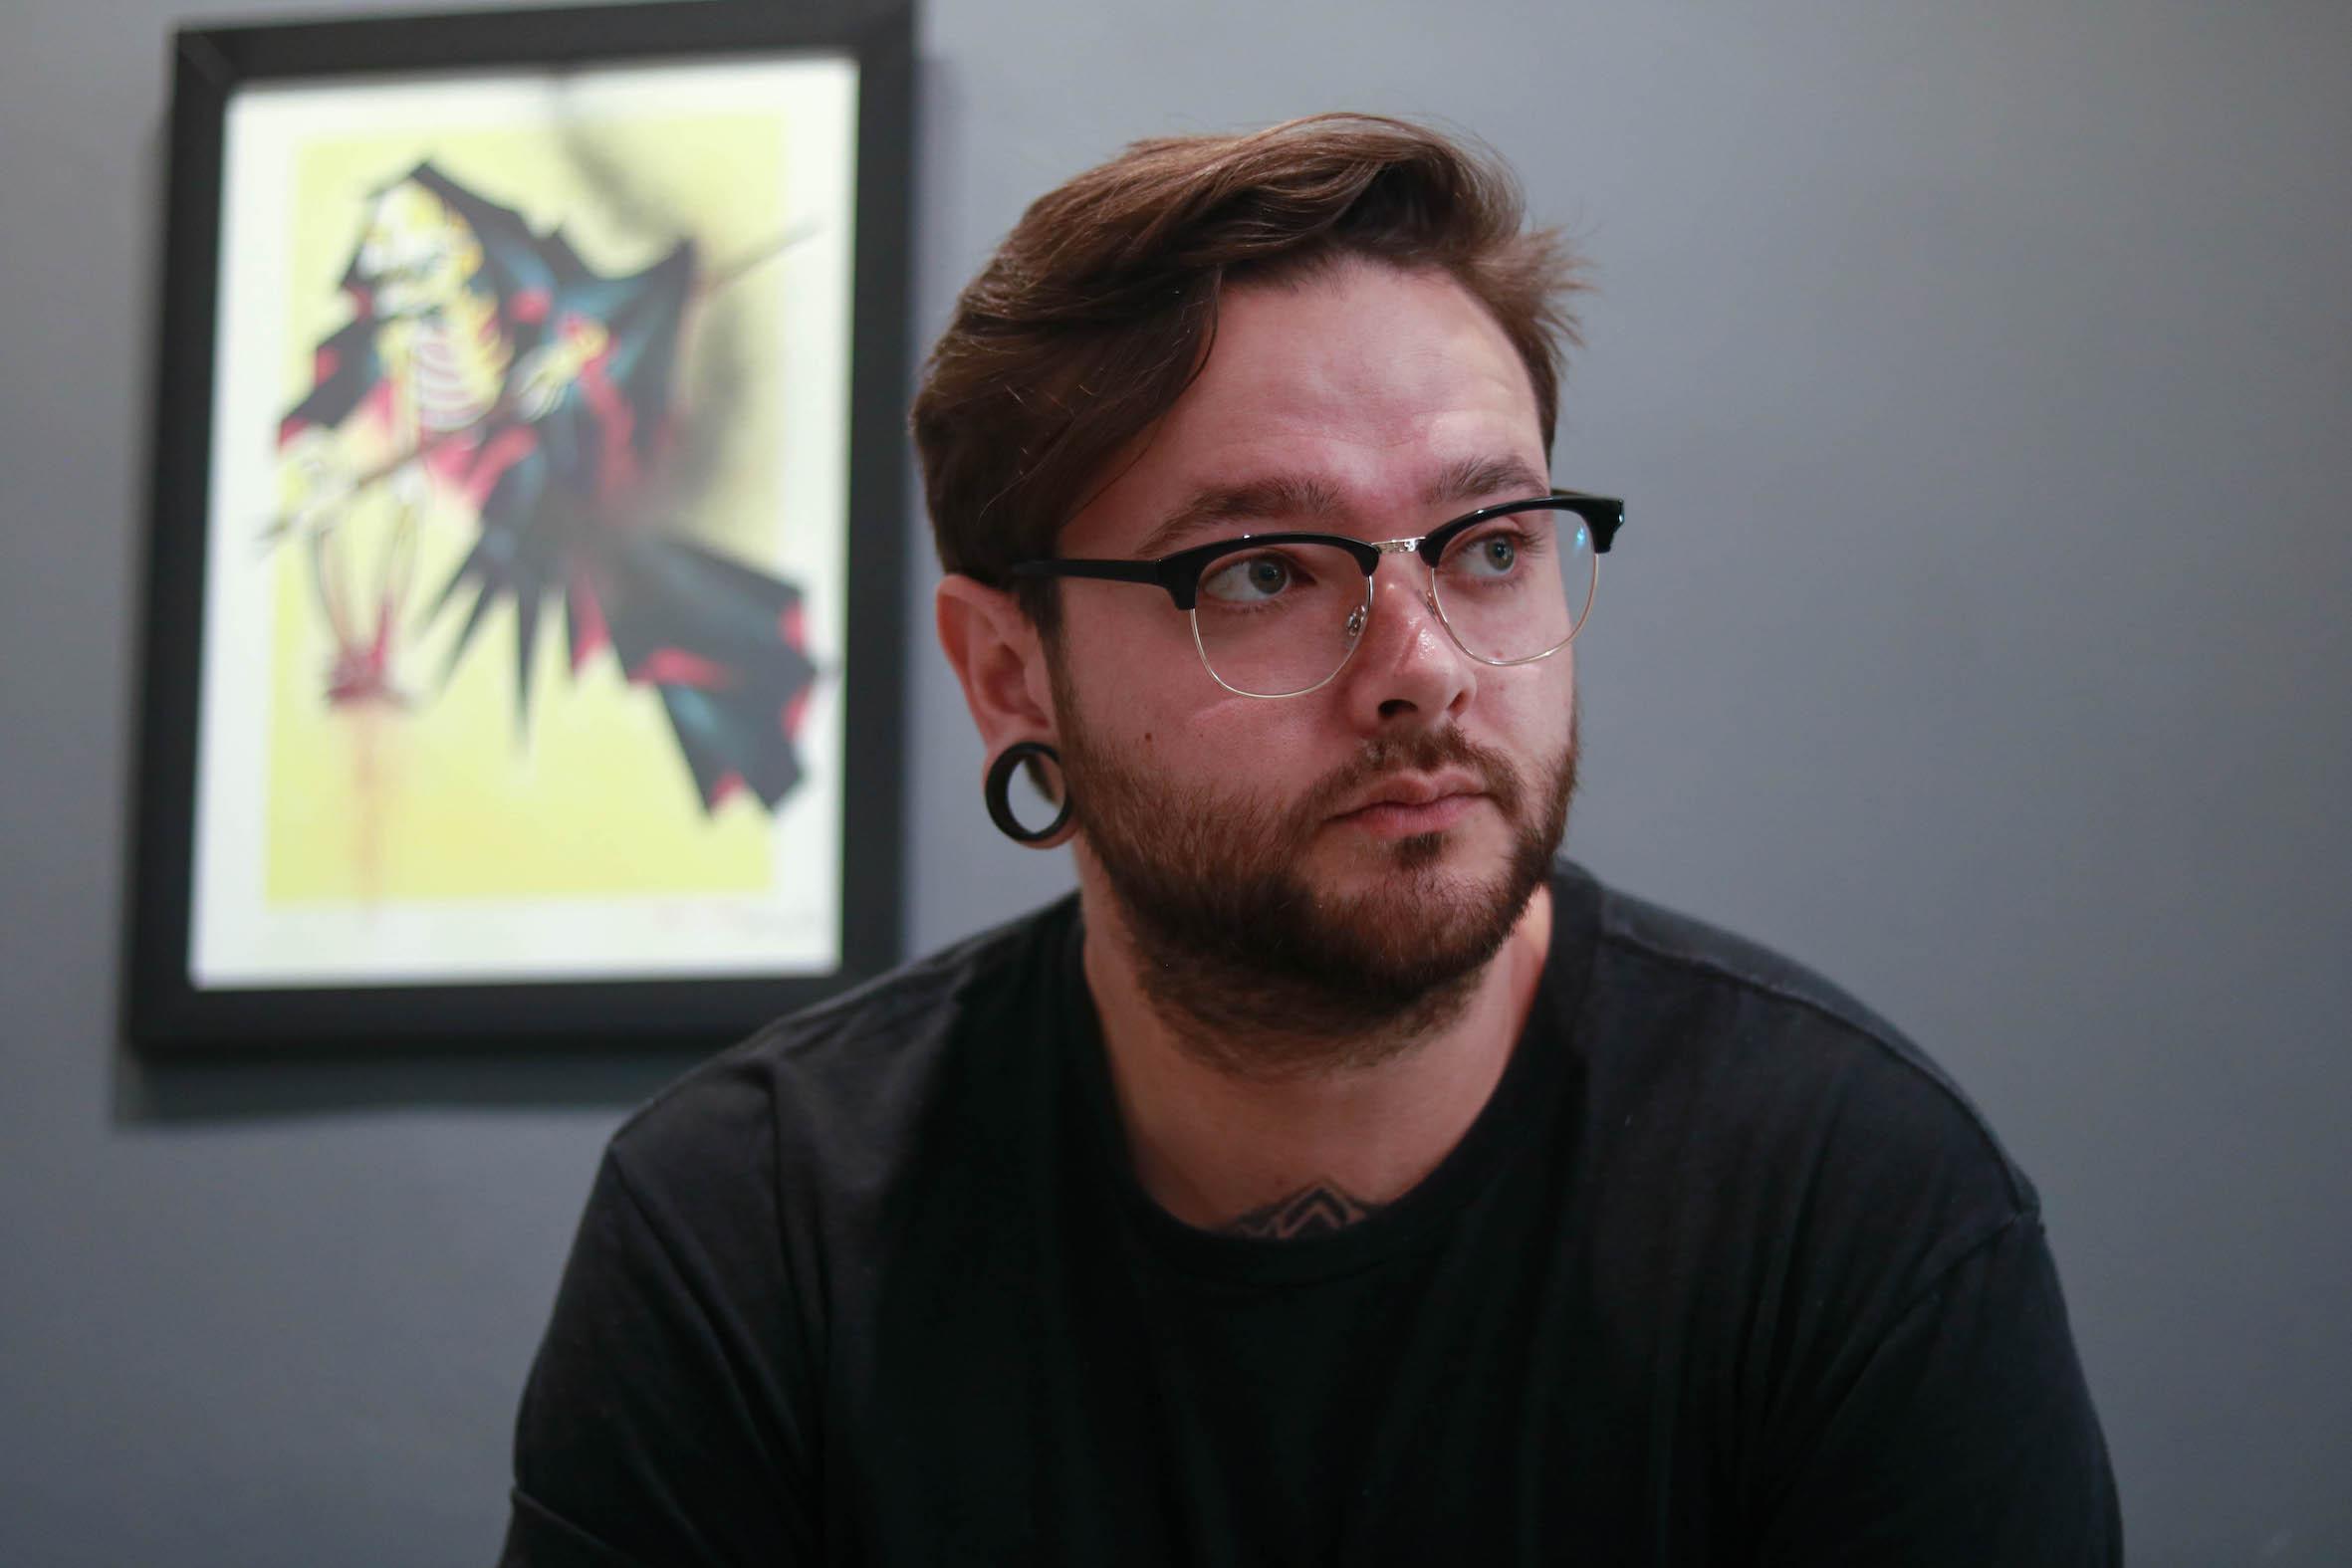 Meet Mason Murdey as our featured Tattoo Artist